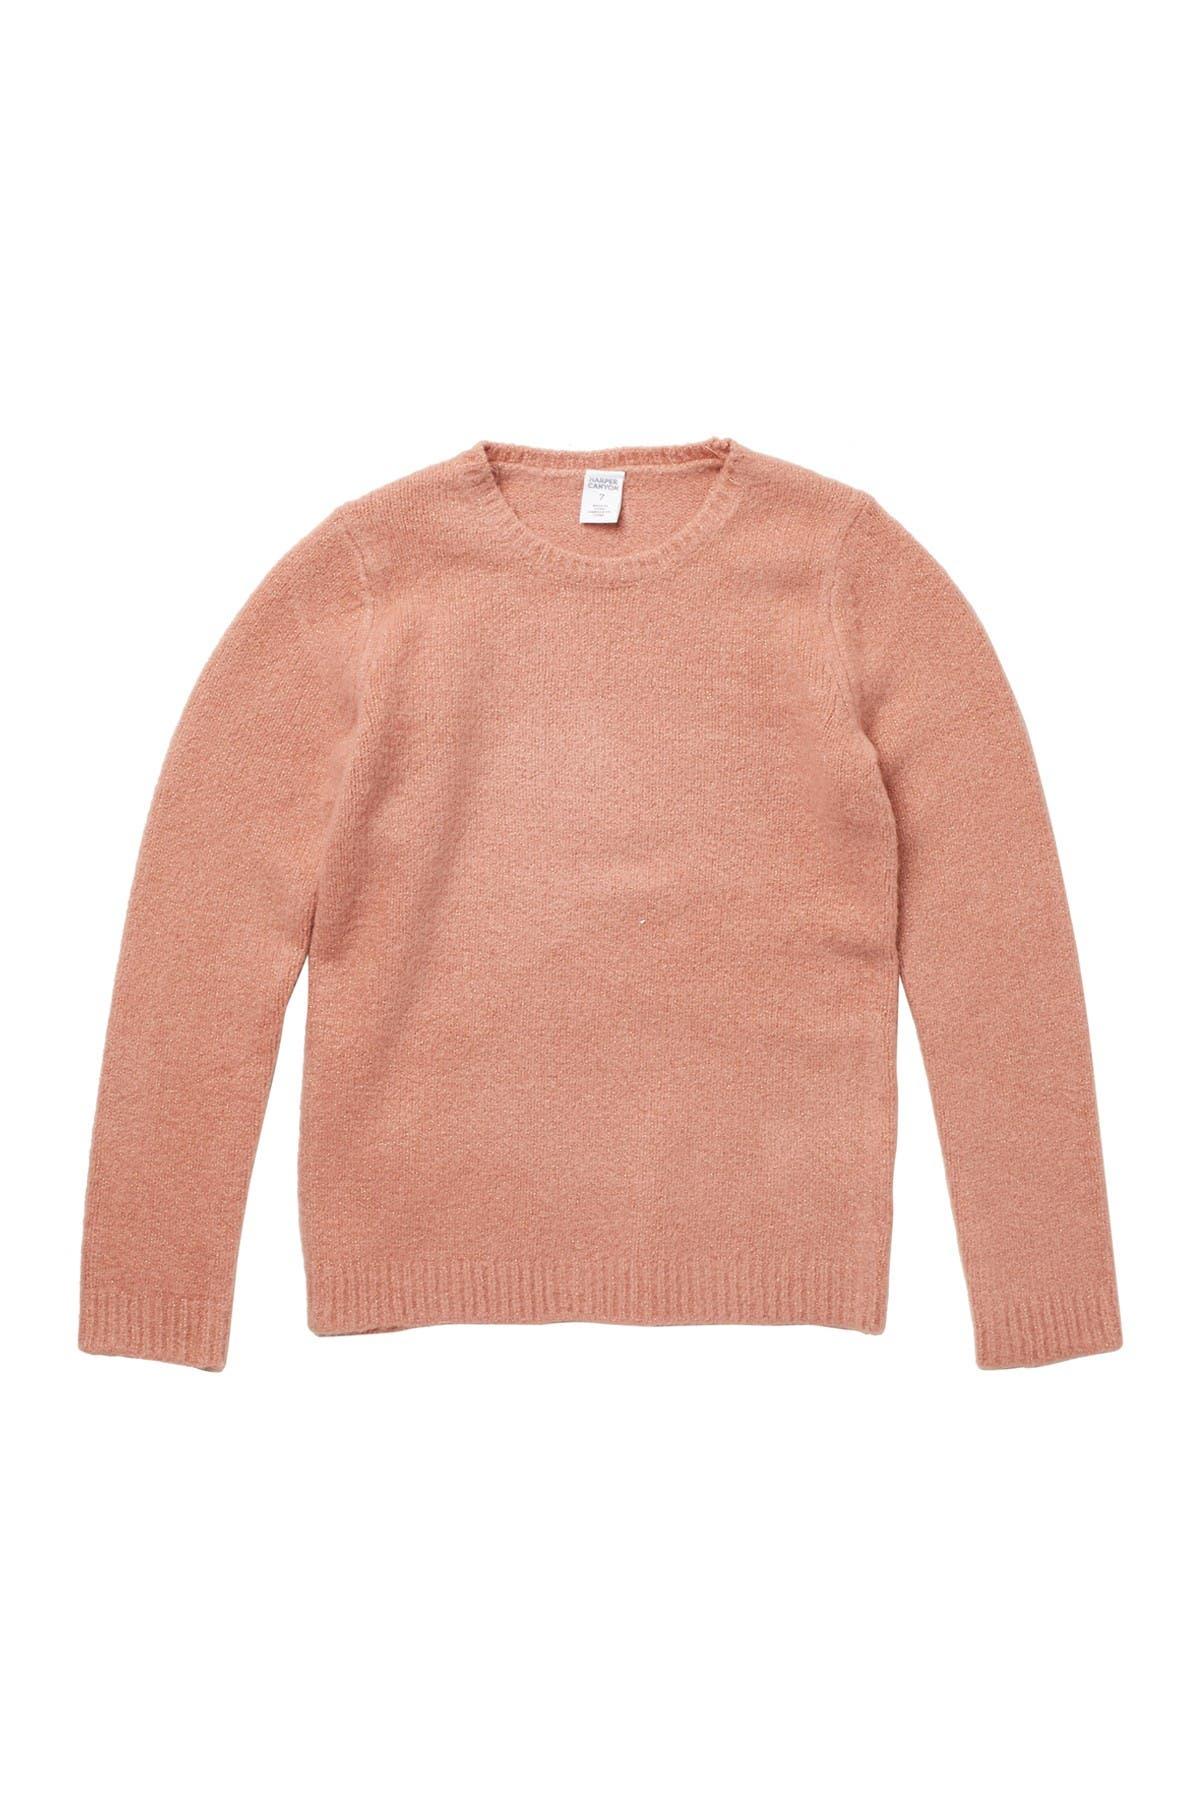 Image of Harper Canyon Metallic Pop Sweater